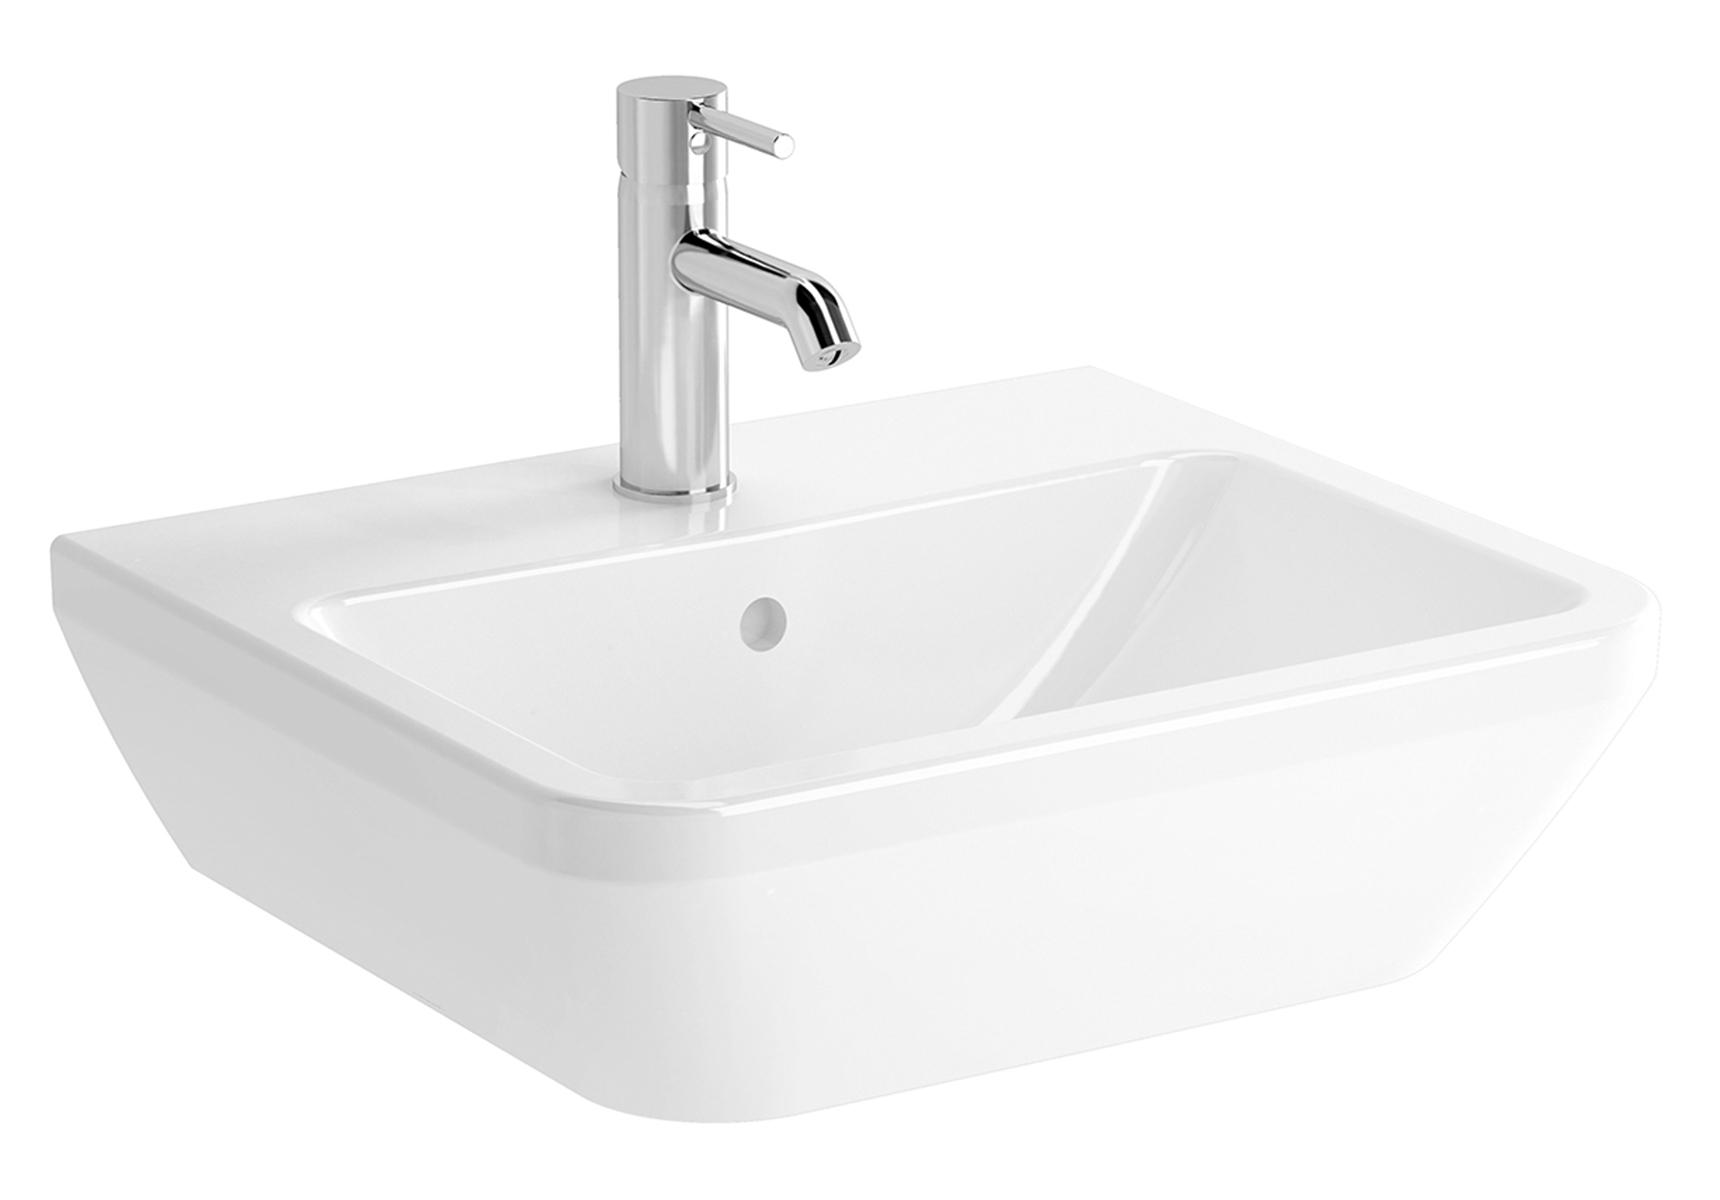 Integra lavabo carré, 50 cm, avec trou de robinet, avec trop-plein